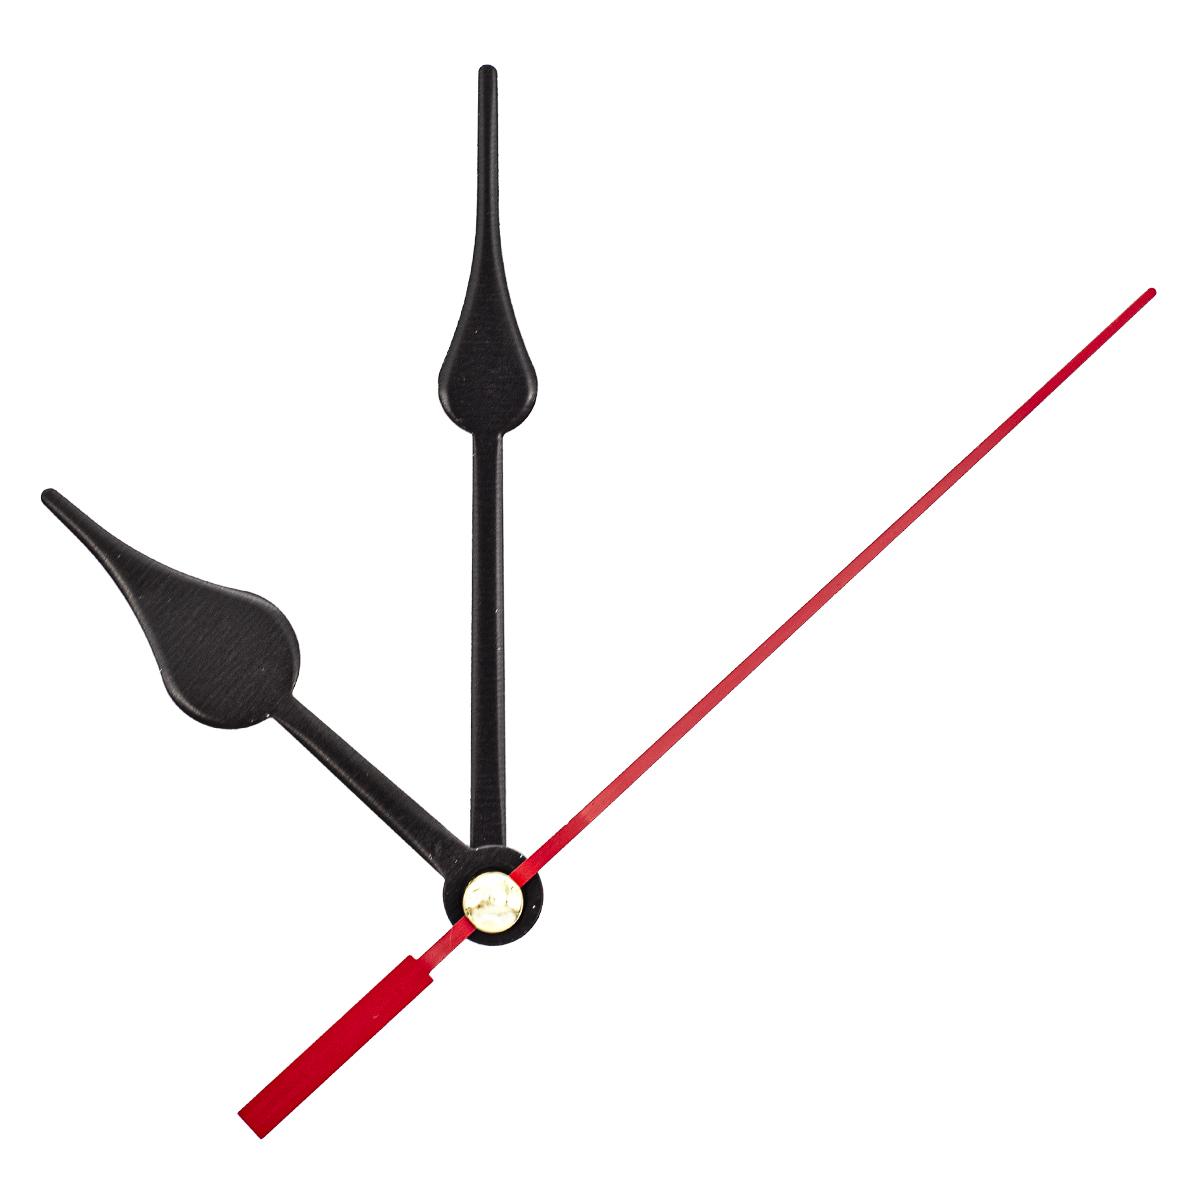 картинки стрелок часов эмиграцию францию